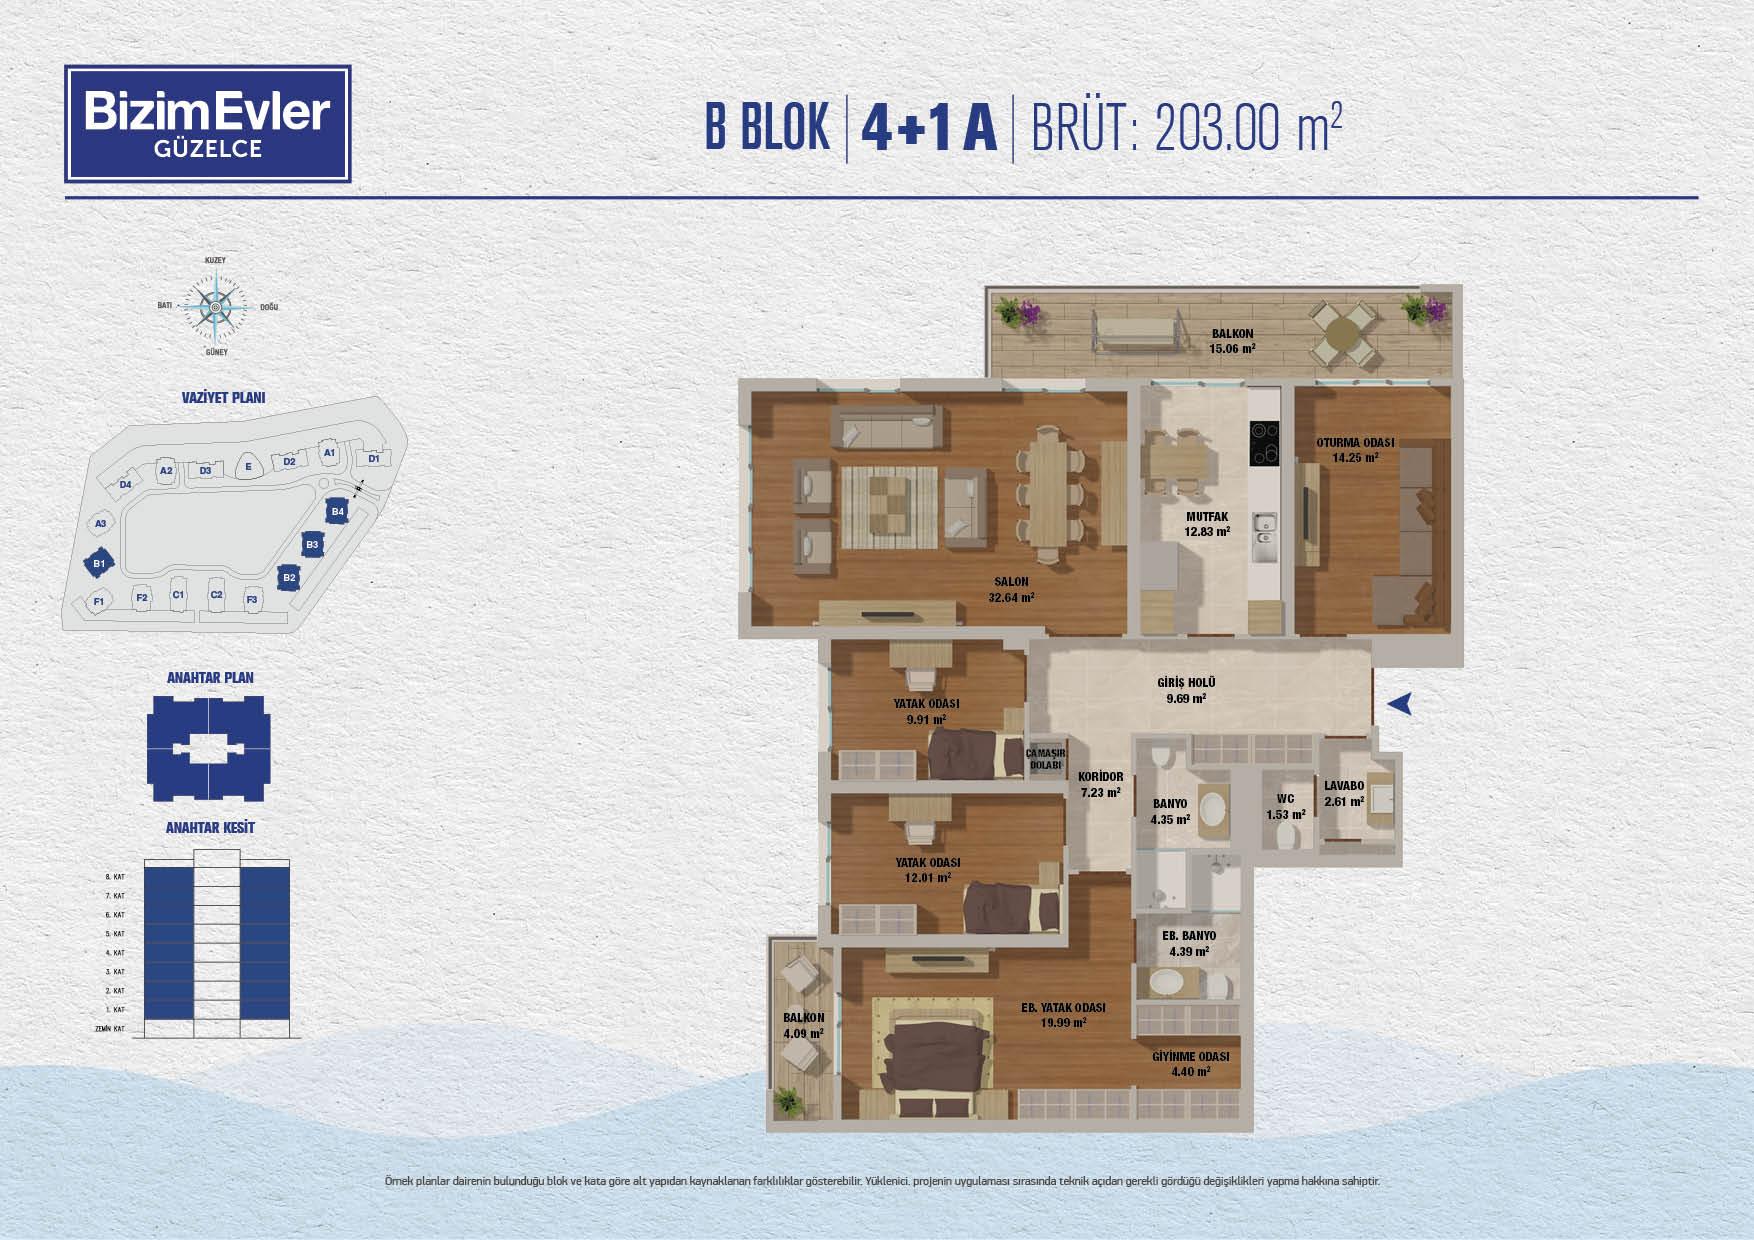 Bizim Evler Güzelce 4+1 Kat Planları